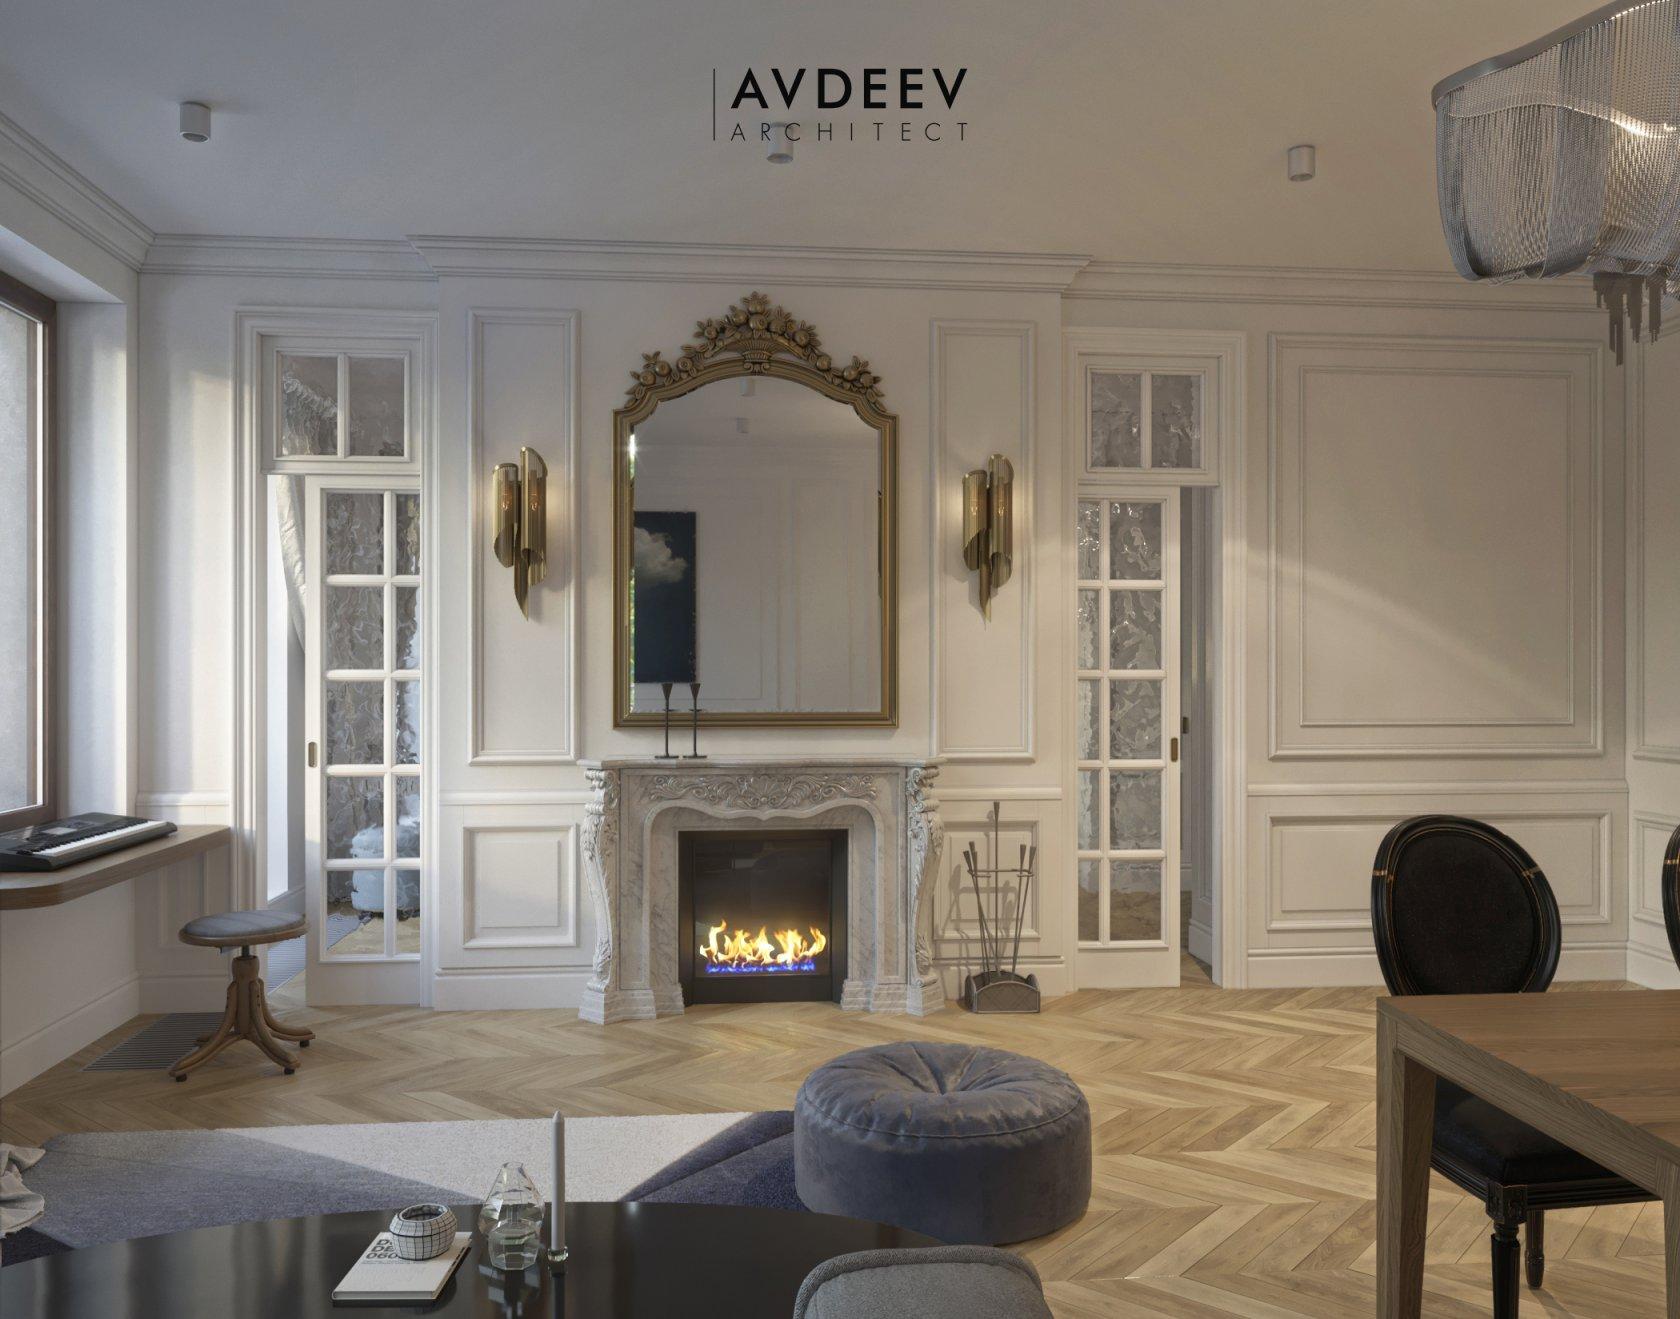 дизайн интерьера квартиры студия AVDEEV ARCHITECT